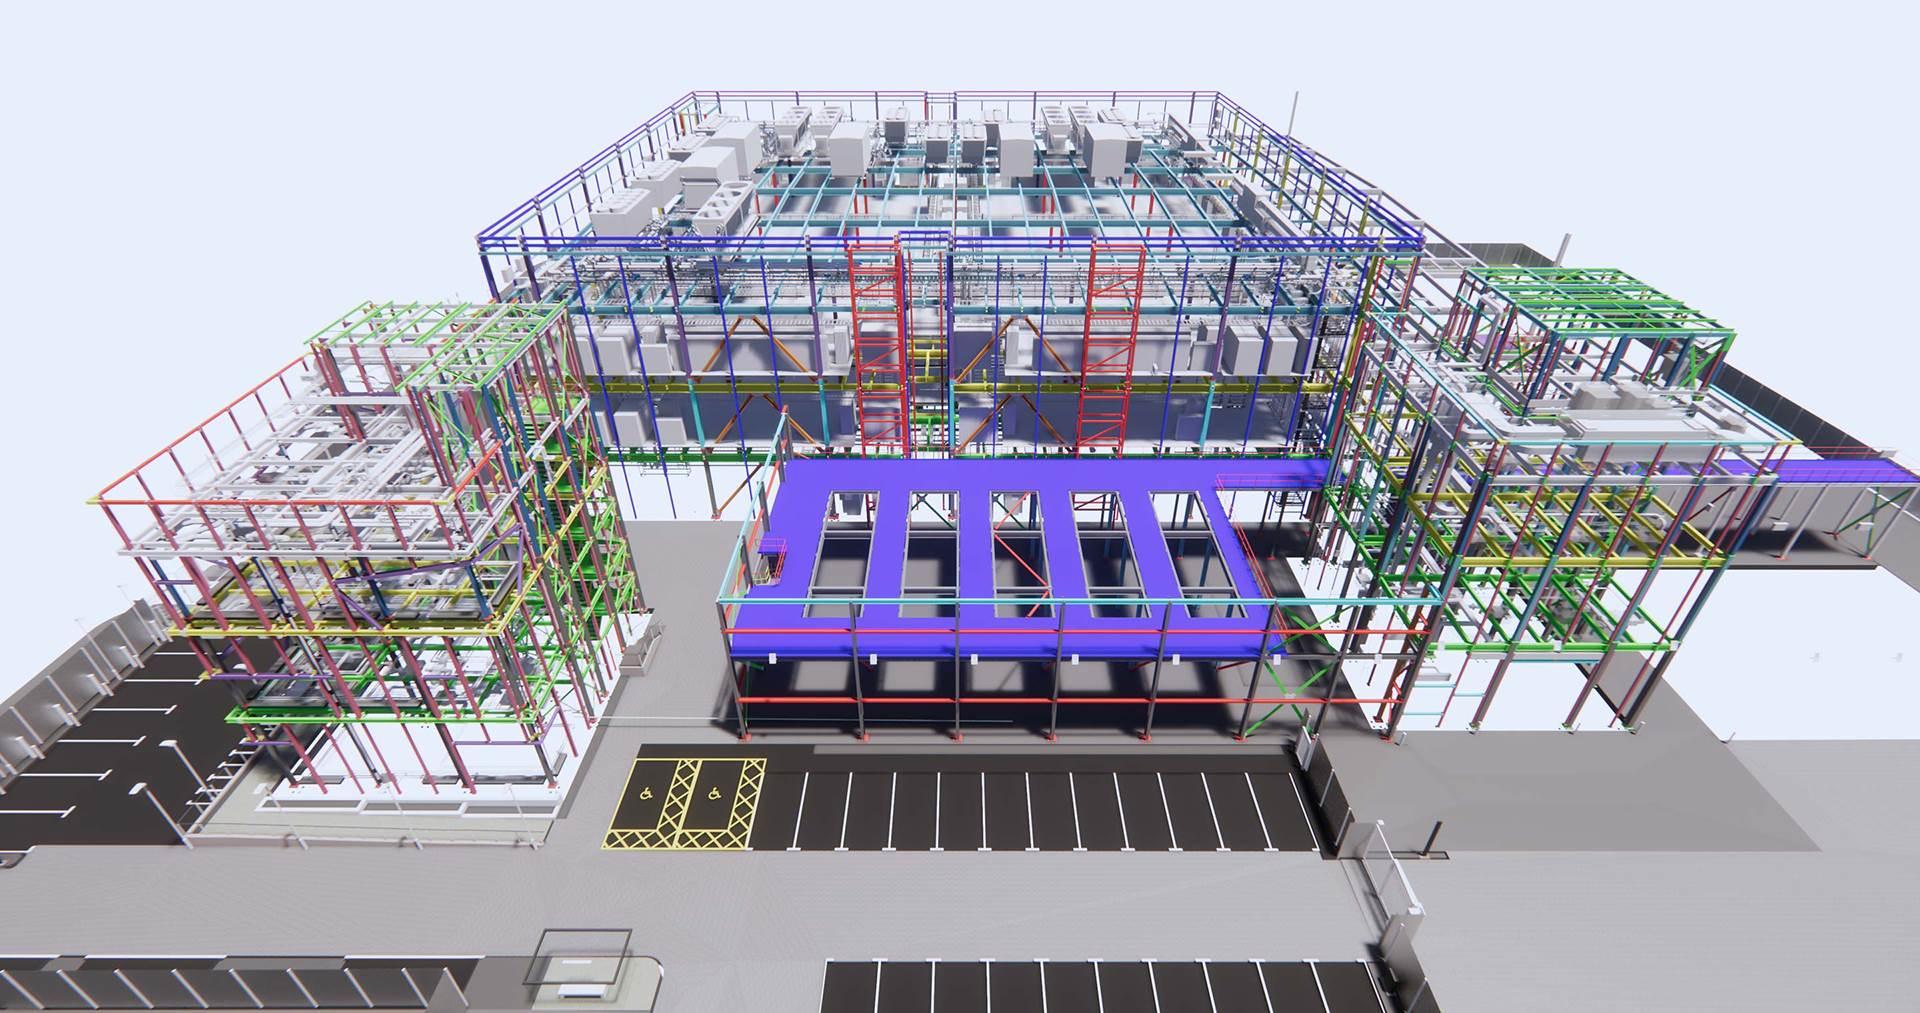 LD070 Data Centre